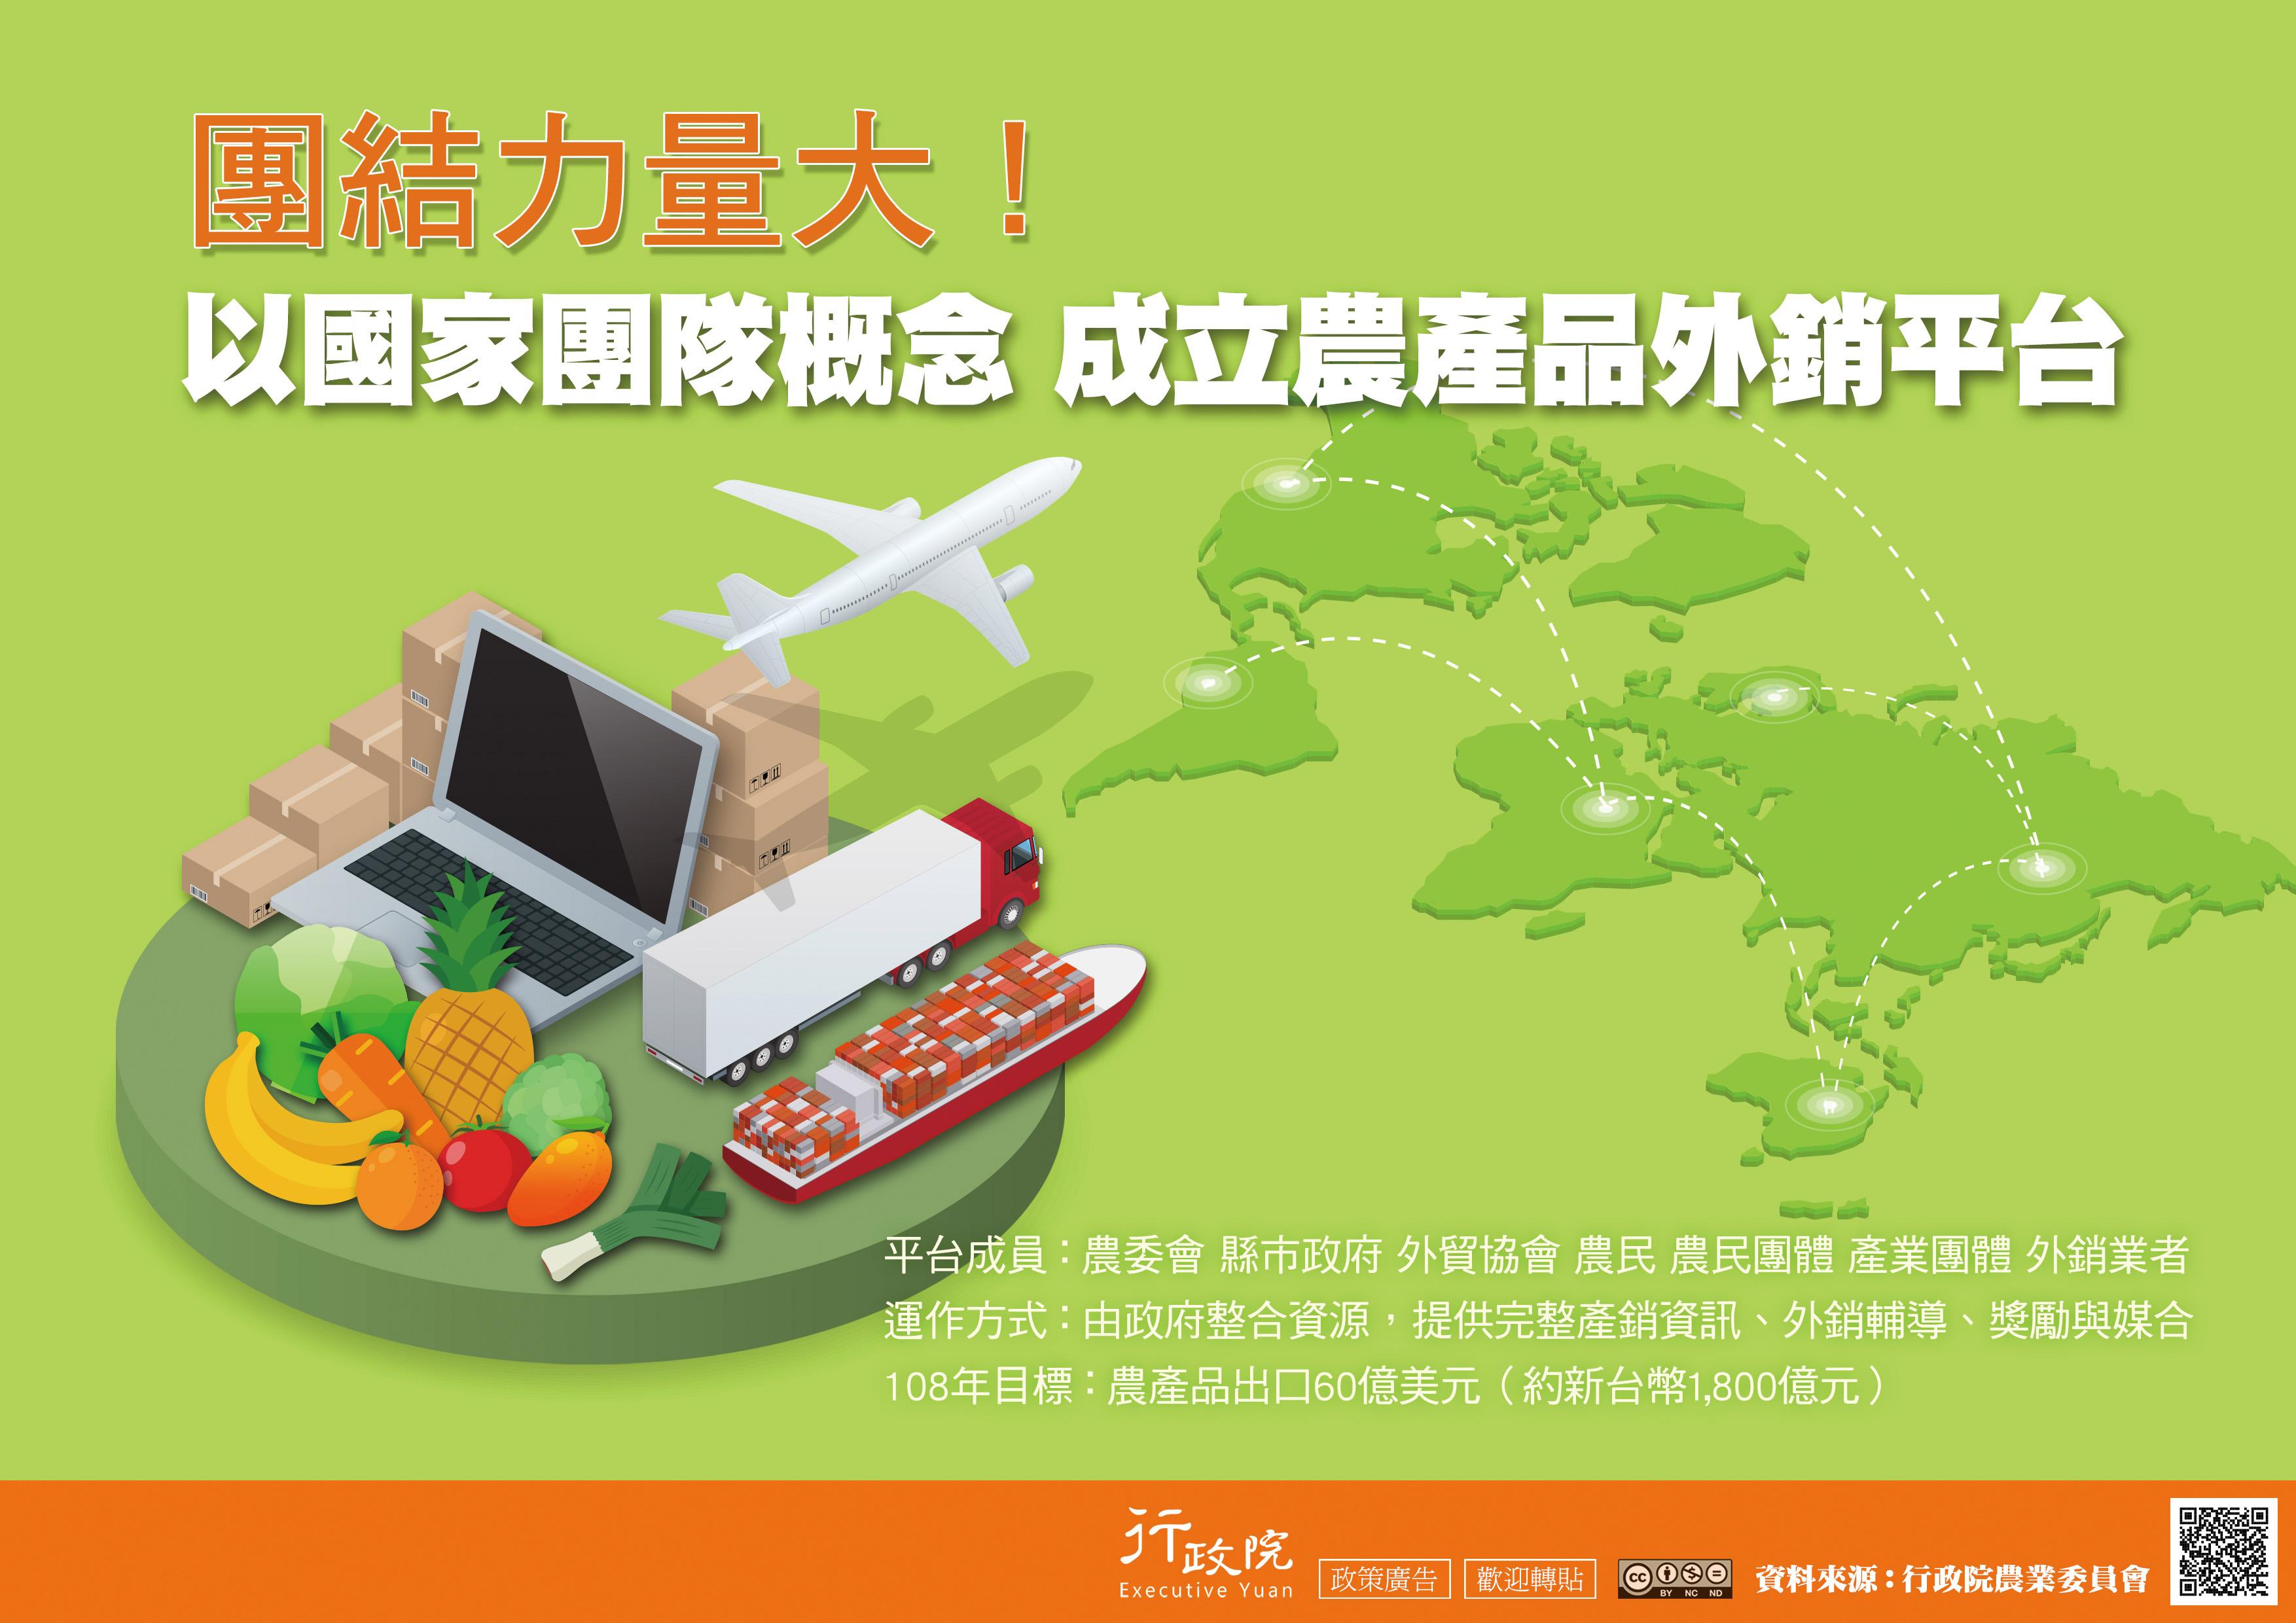 「以國家團隊概念 成立農產品外銷平台」政策溝通電子單張文宣圖